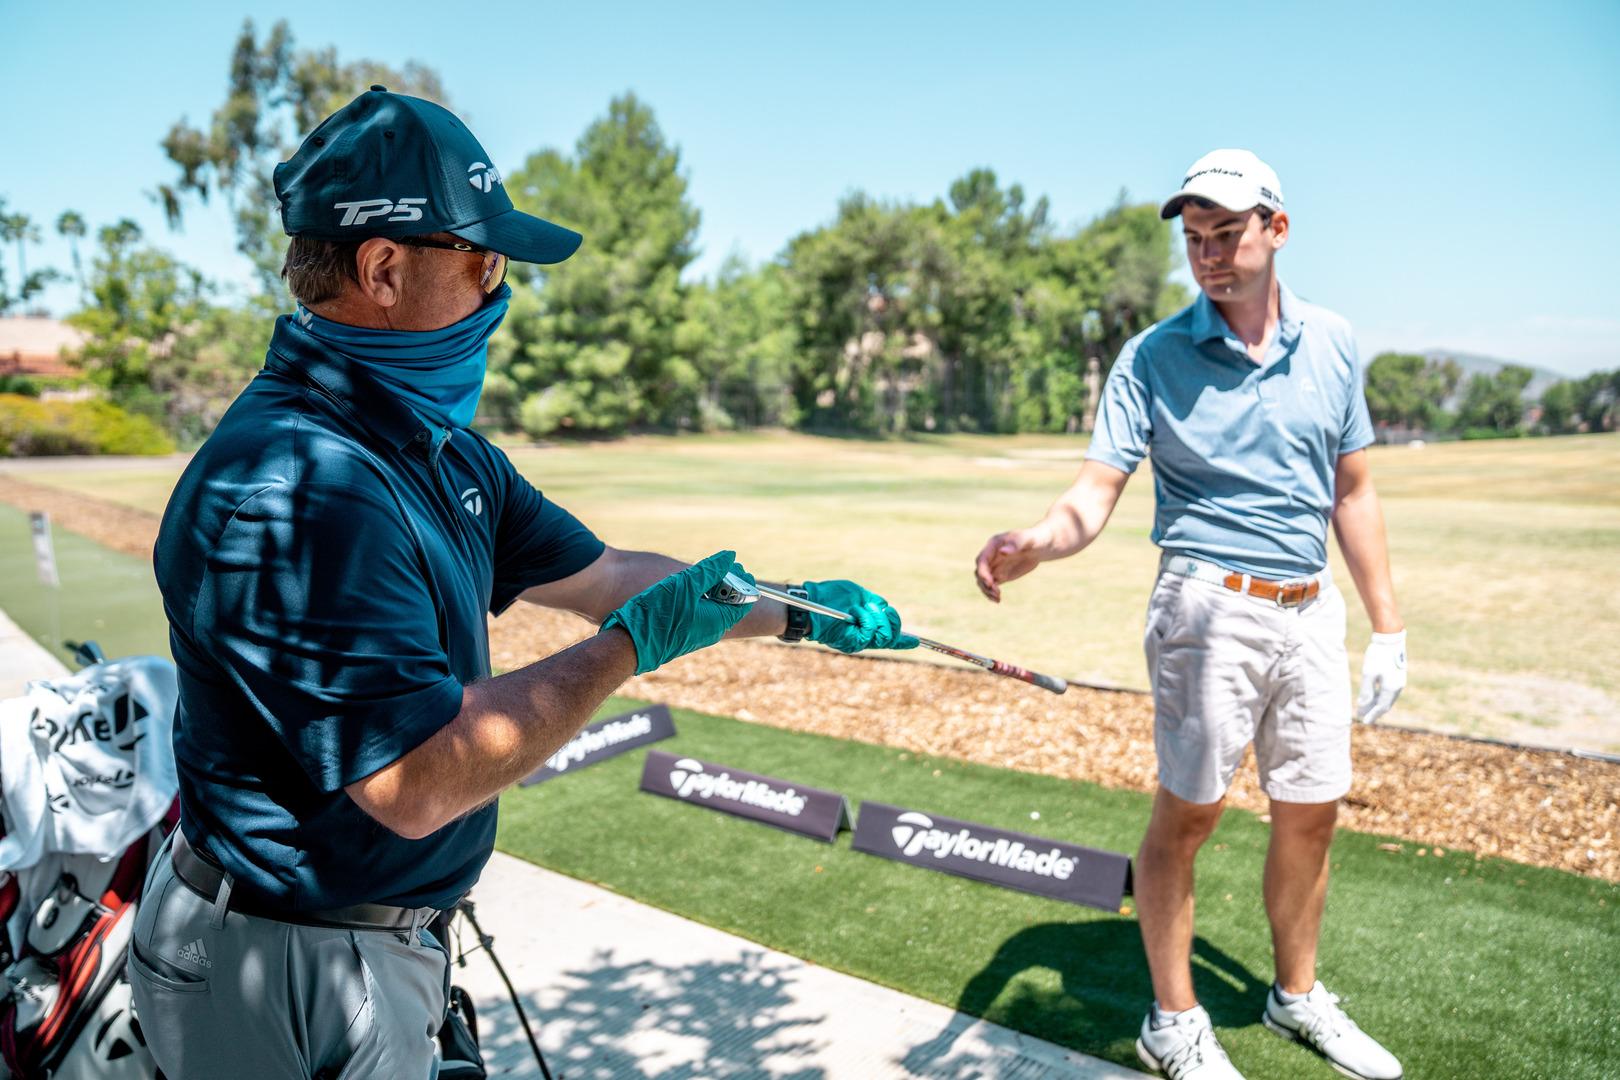 caddy hands a golfer a golf club